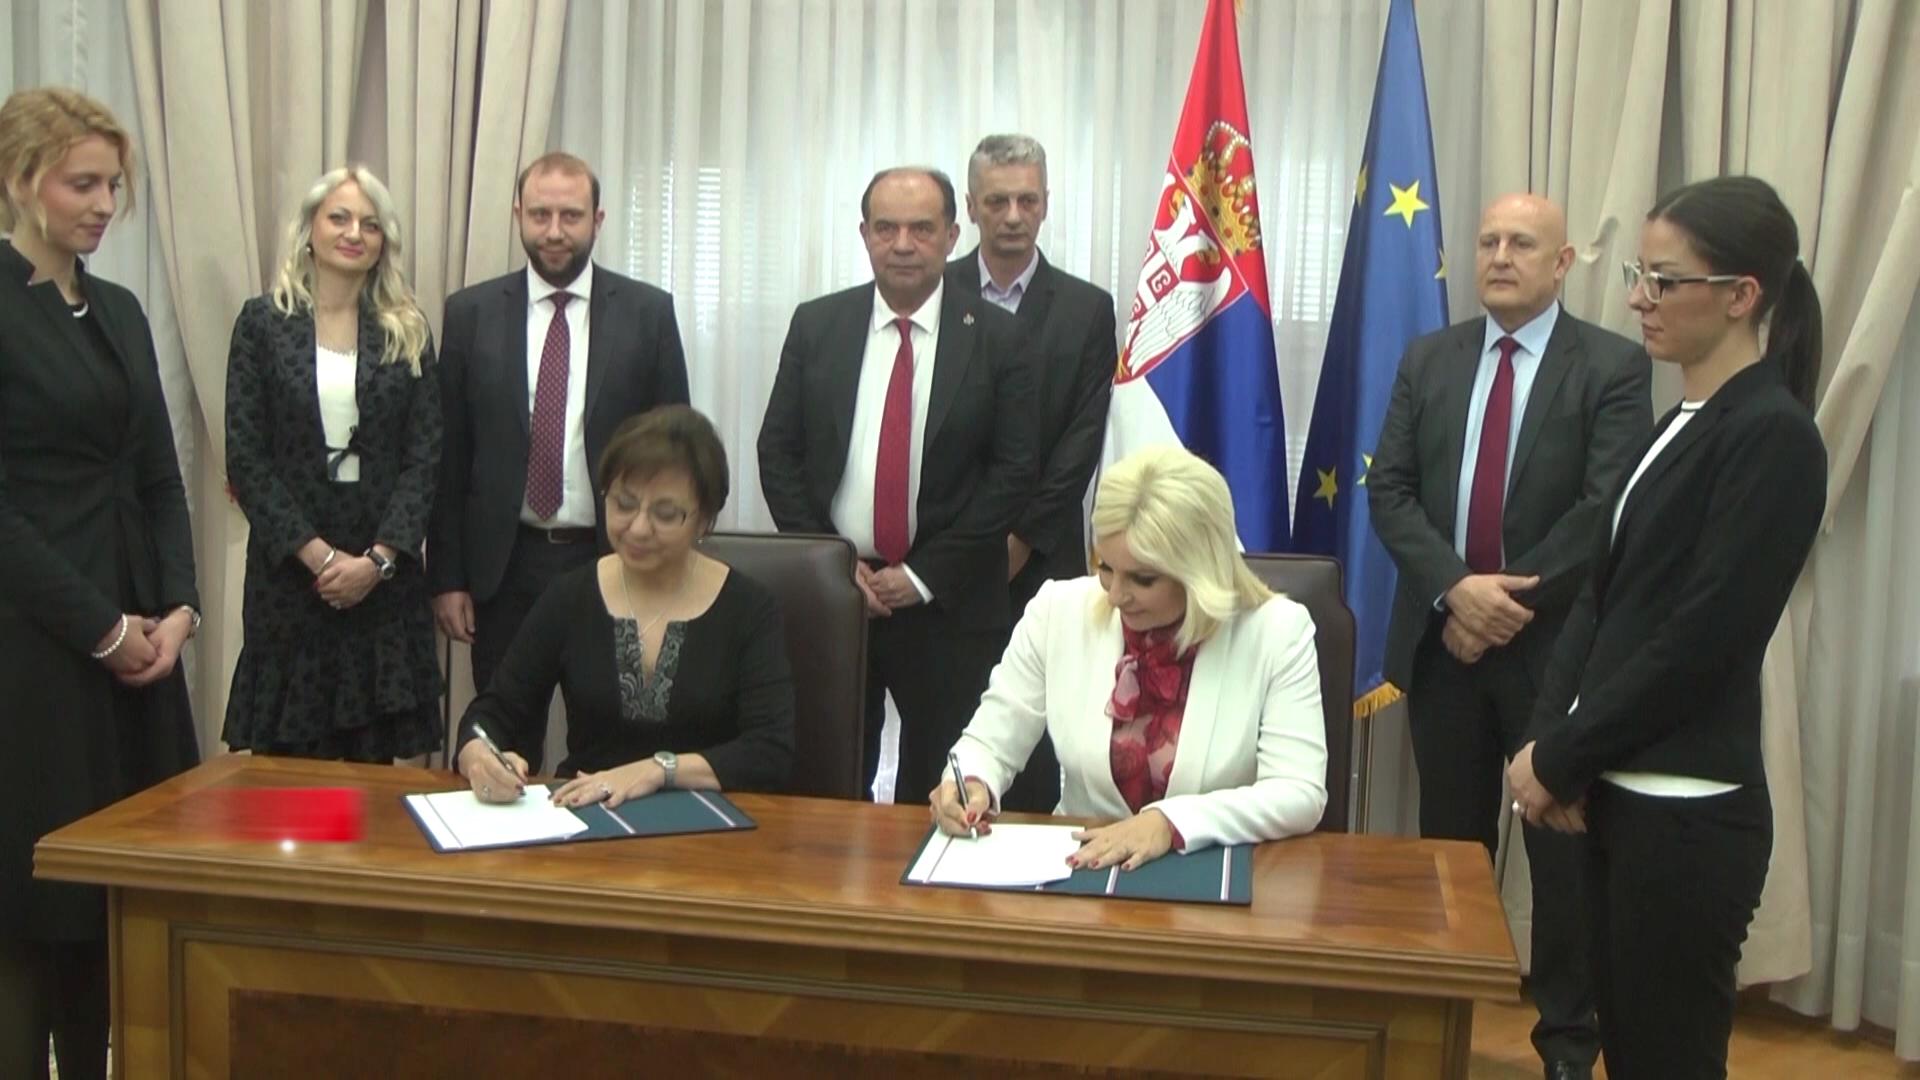 Potpisan ugovor o prenosu osnivačkih prava za aerodrome u izgradnji u Kruševcu i Užicu